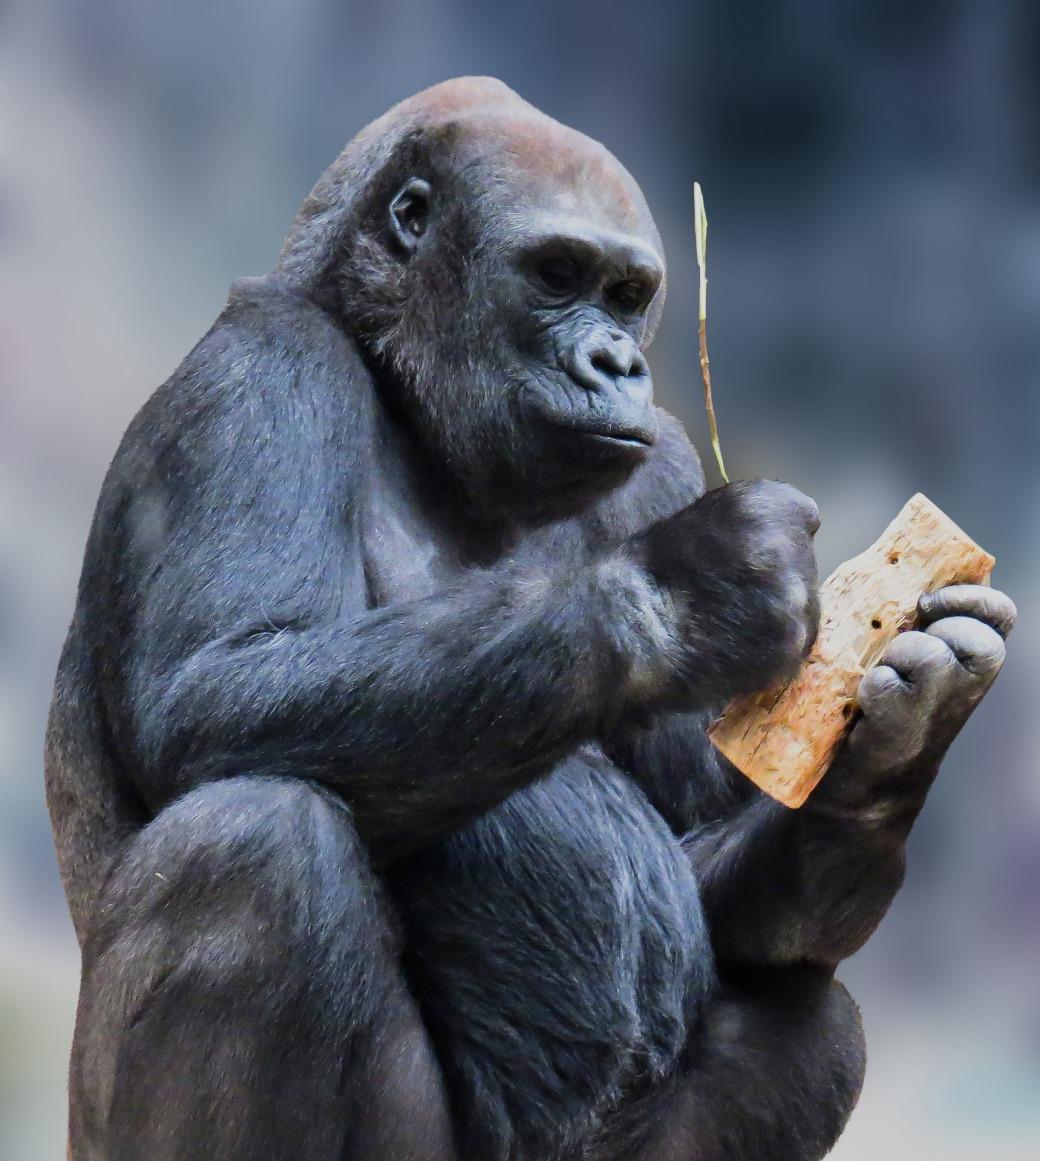 monkey-1334696_1920